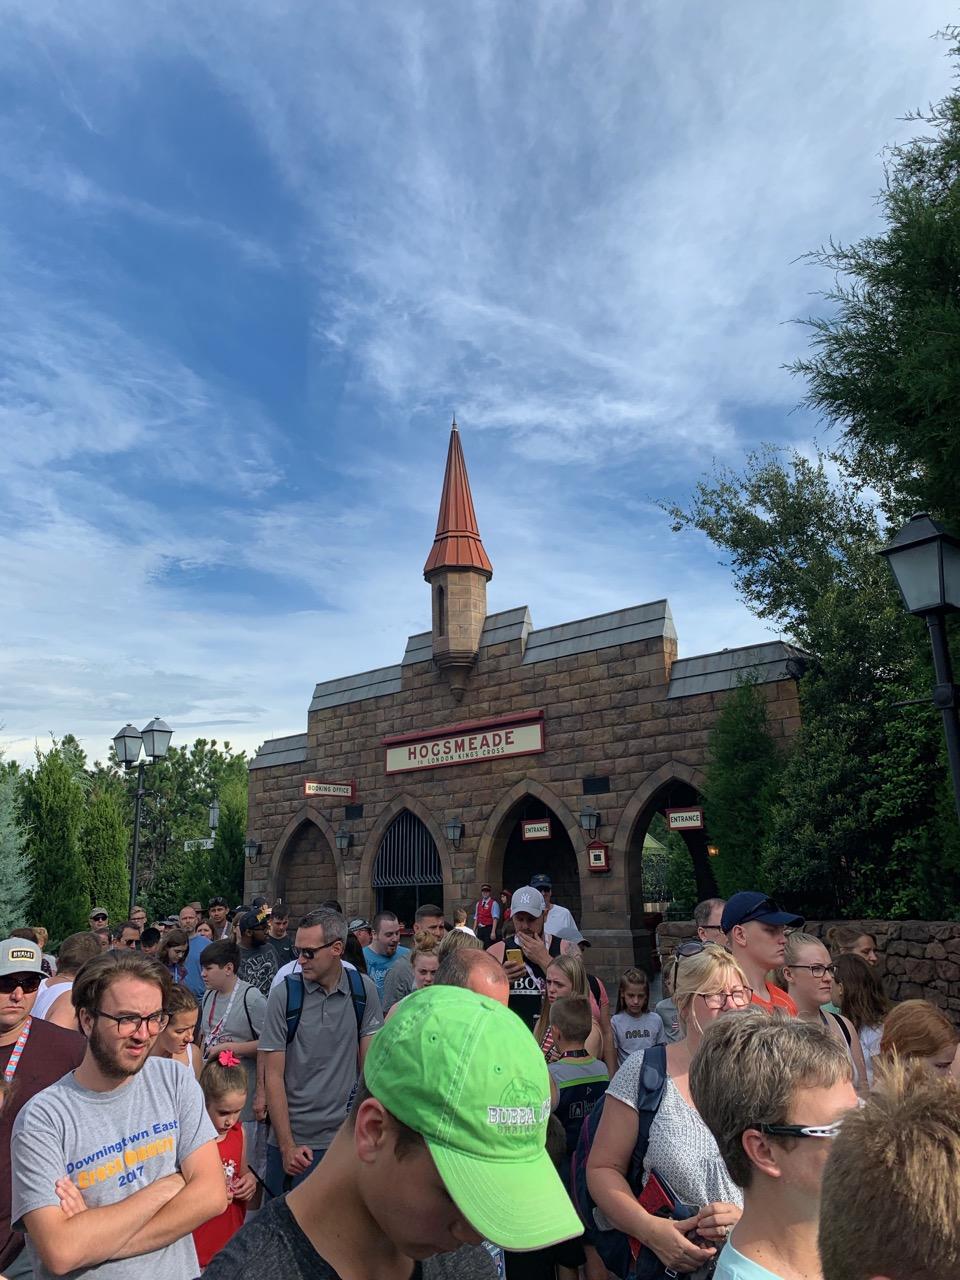 universal orlando summer 2019 trip report part 6 hogwarts express joins.jpeg